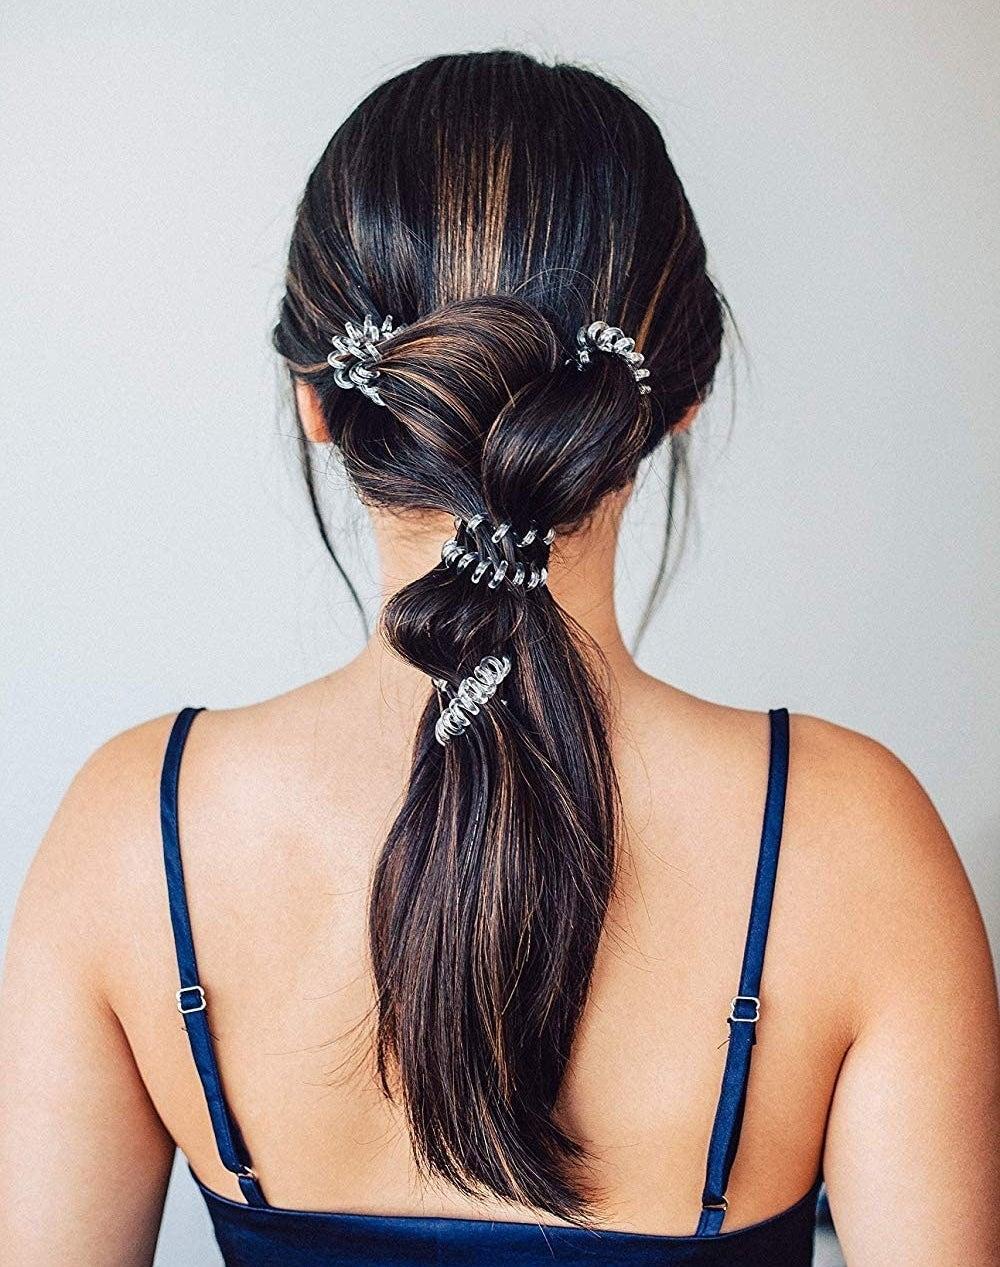 A person has multiple hair ties in their hair